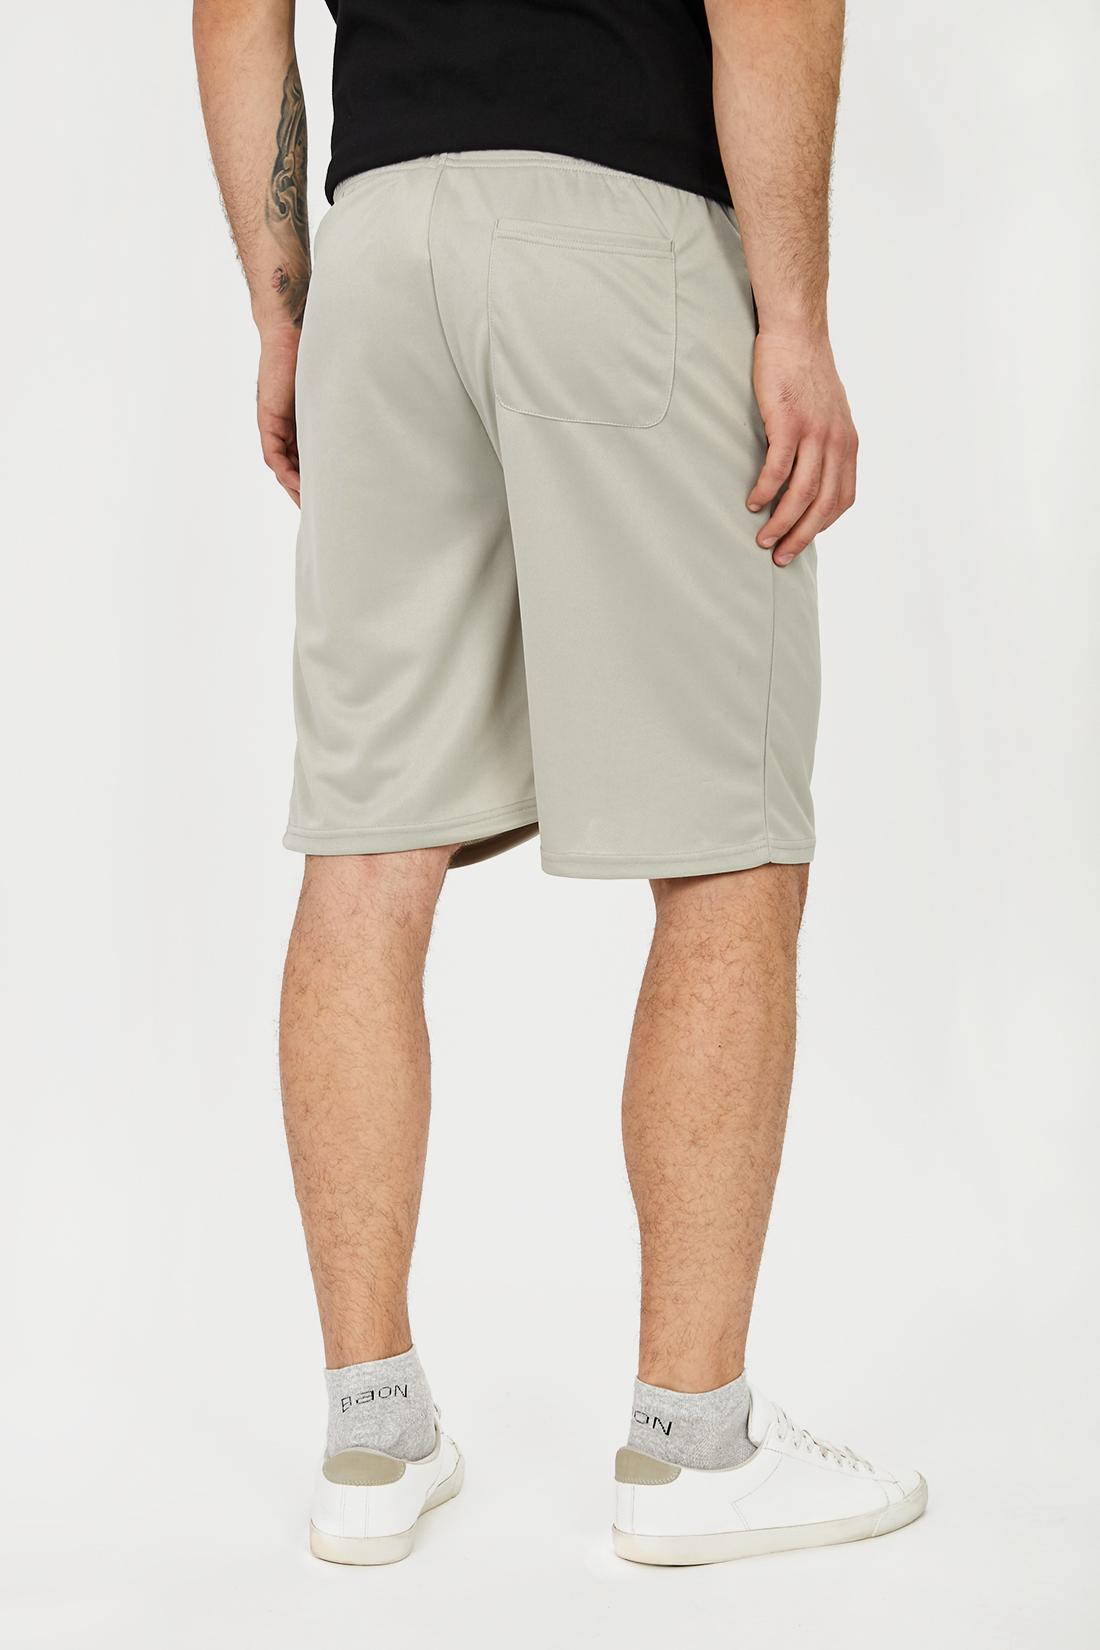 Спортивные шорты мужские Baon B821014 бежевые XL